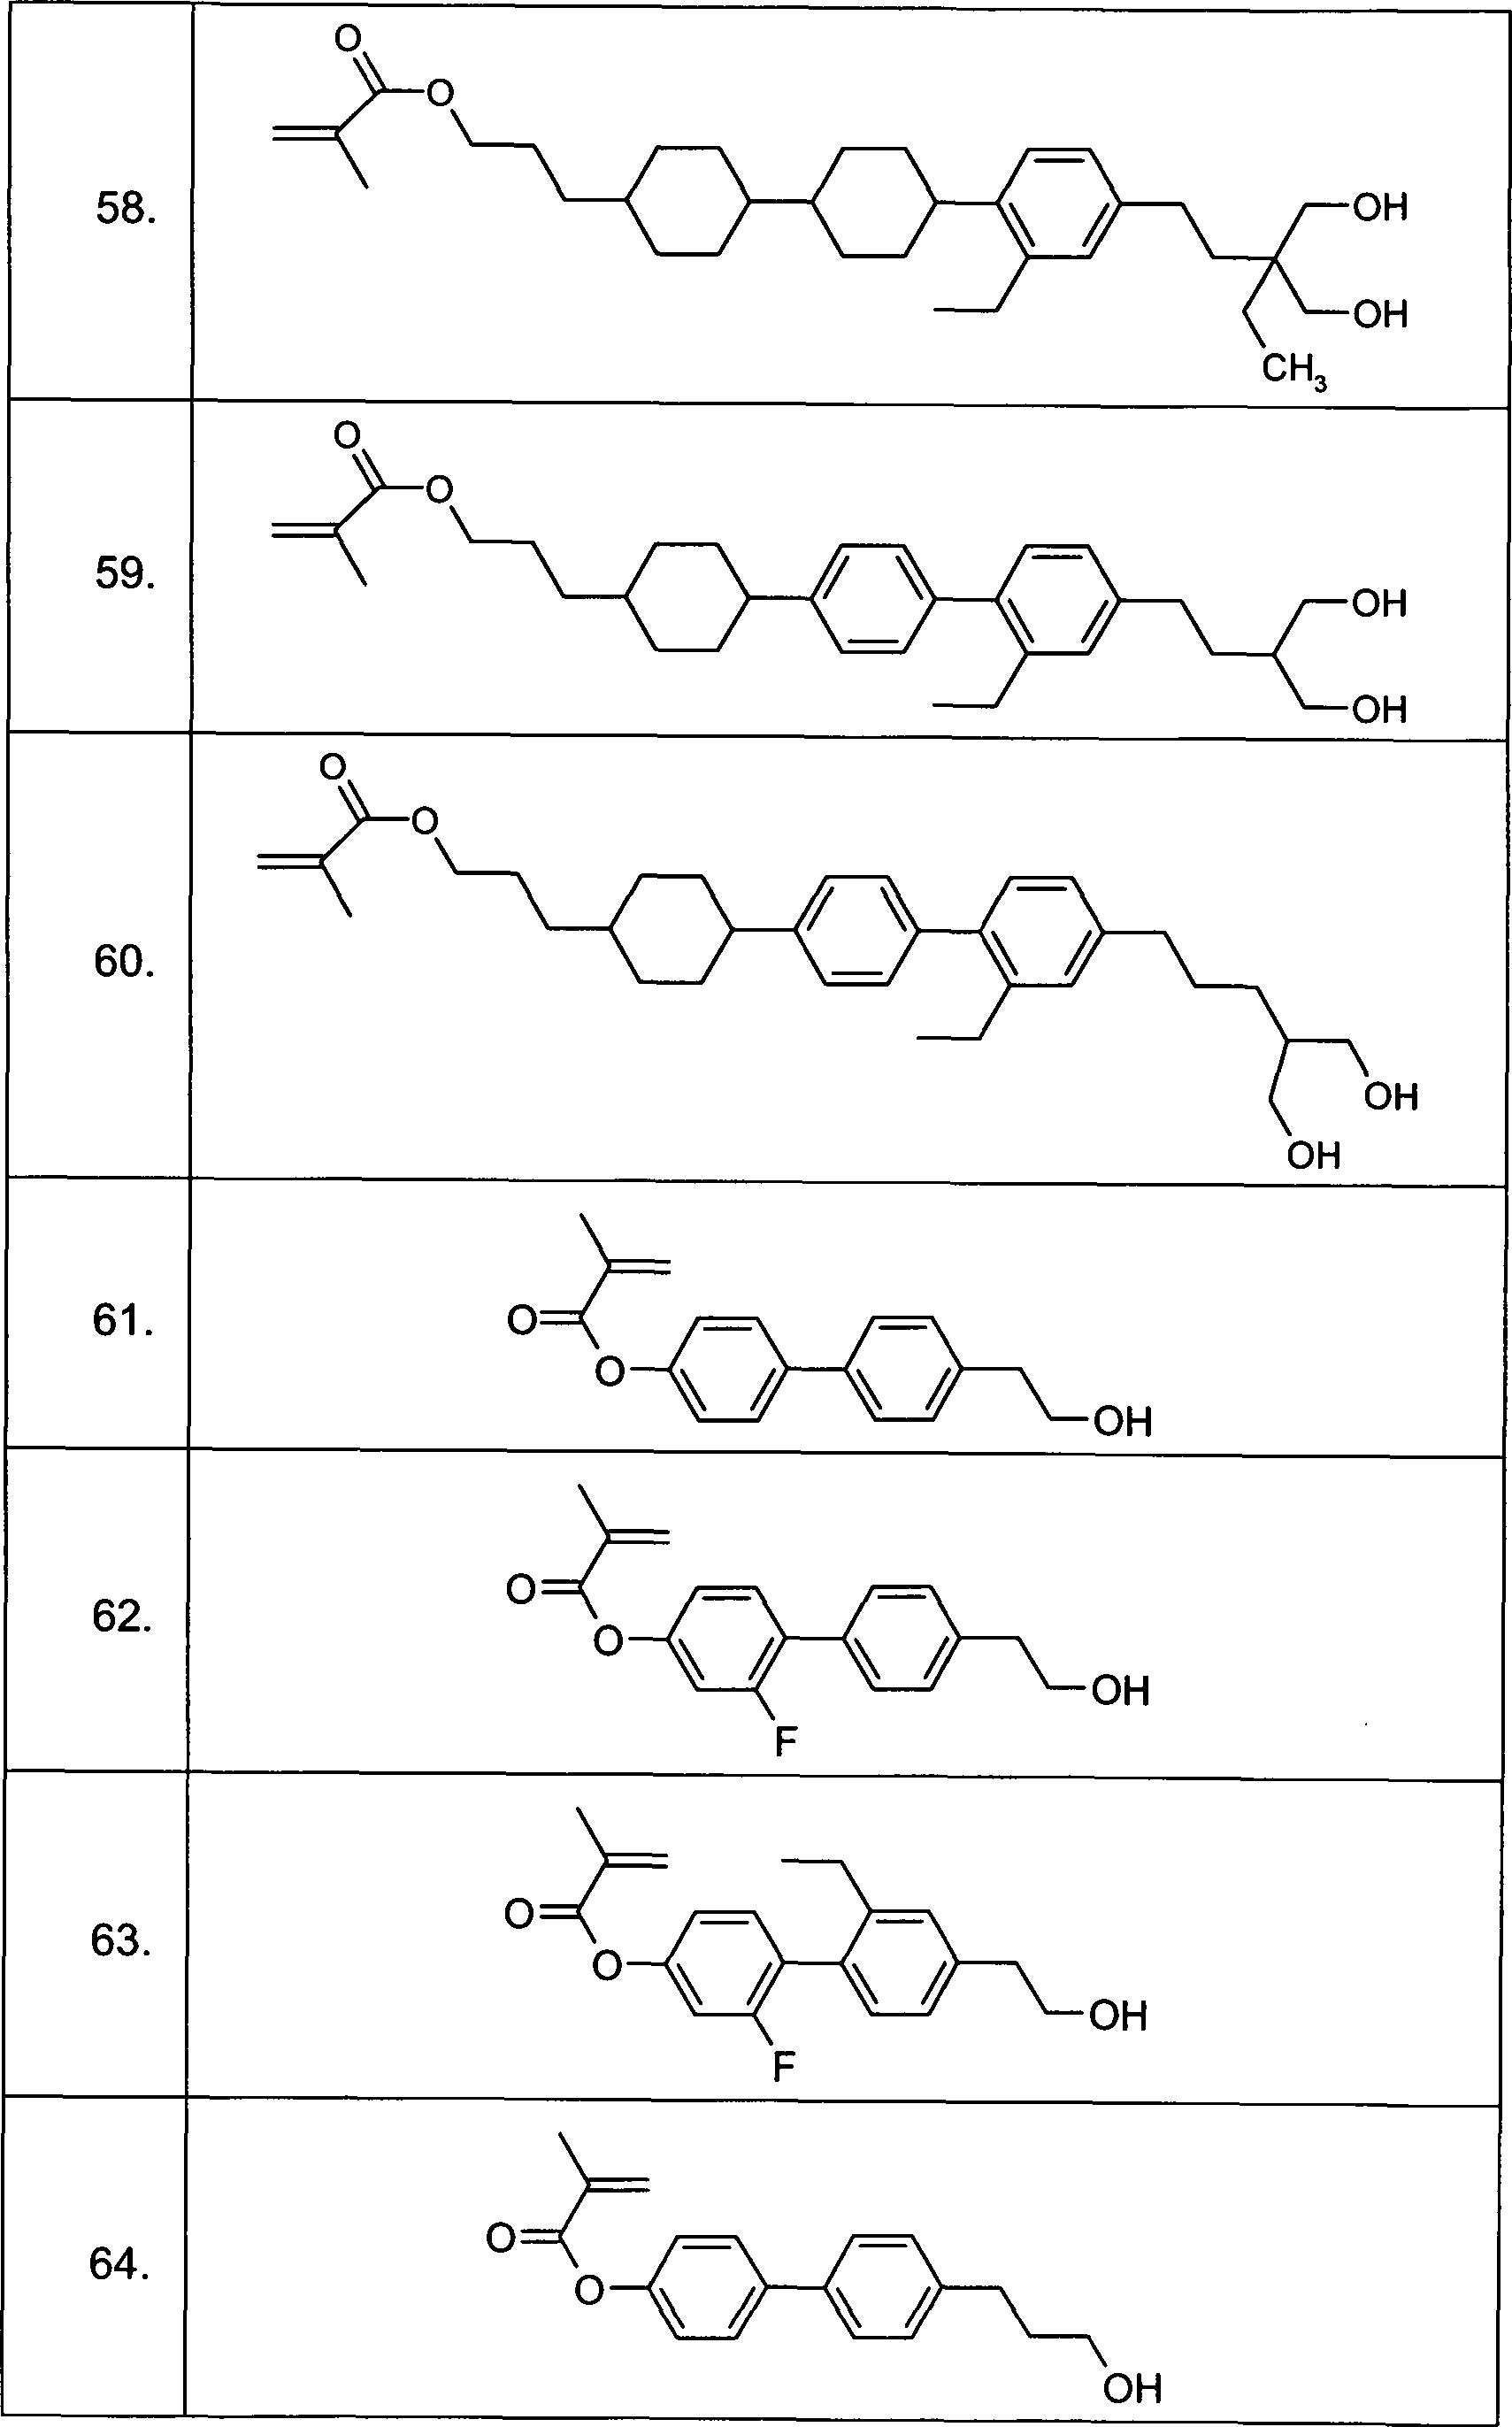 Figure DE102015008172A1_0121